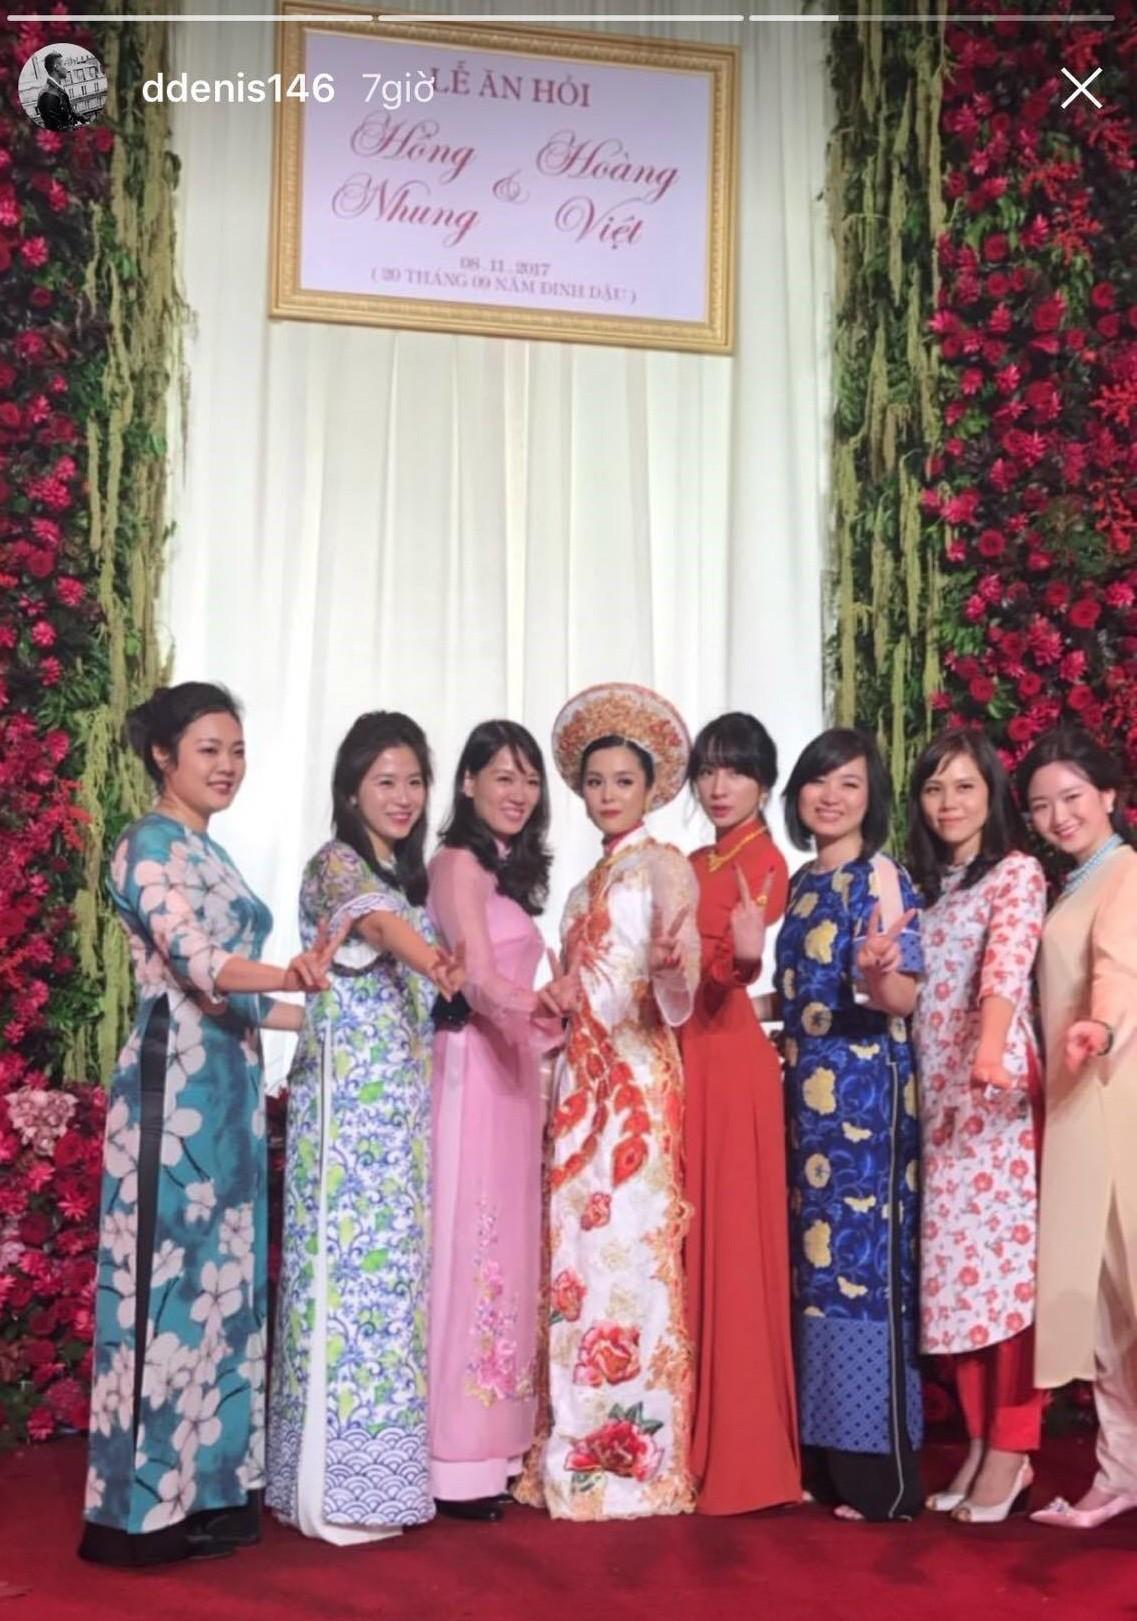 Hé lộ đám hỏi hoành tráng và cô dâu xinh đẹp của thiếu gia tập đoàn Tân Hoàng Minh-6